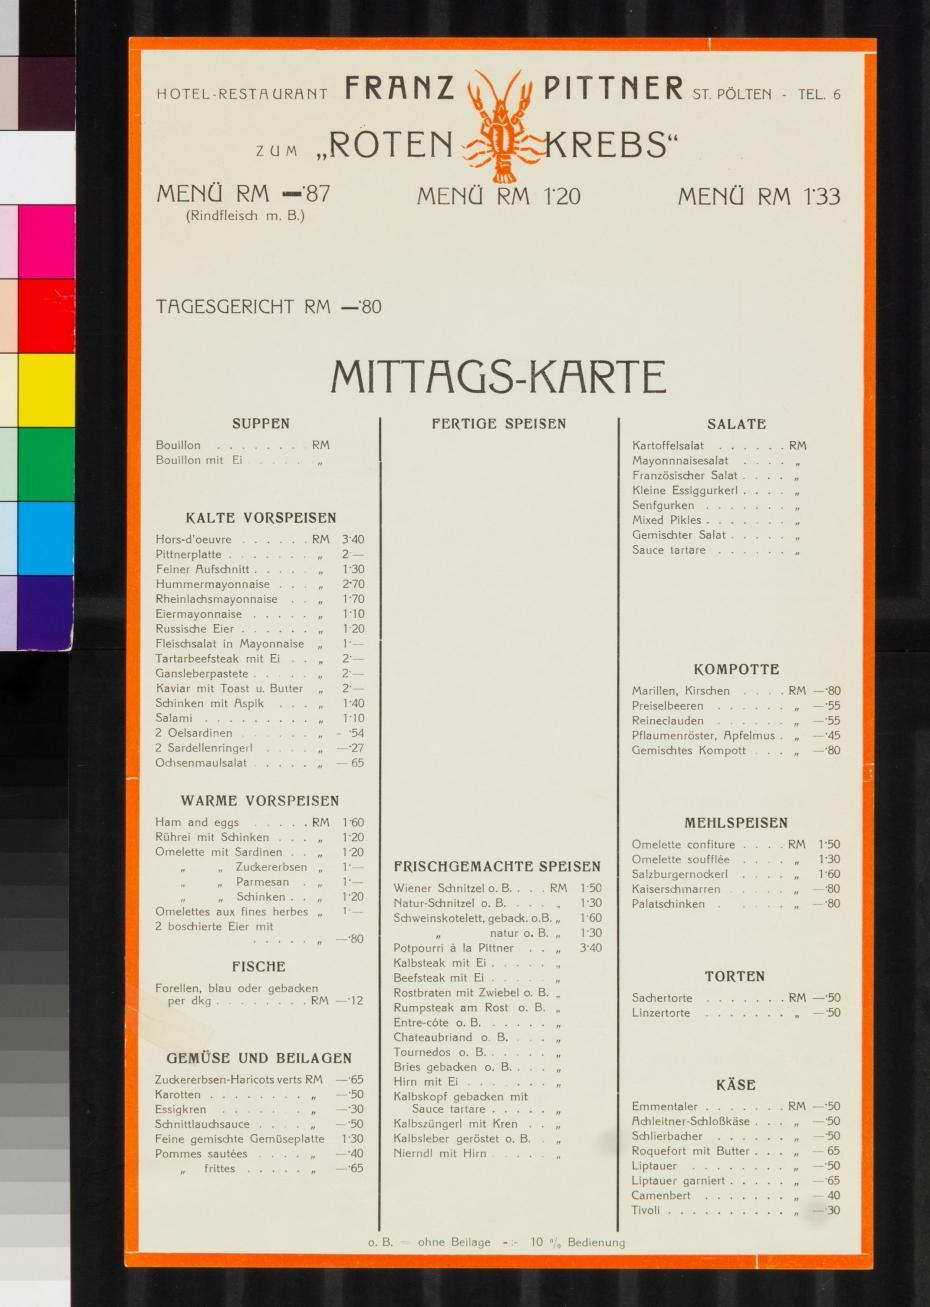 """Speisenkarte, (nach 1938), Hotel - Restaurant Franz Pittner """"Zum roten Krebs"""", St. Pölten"""